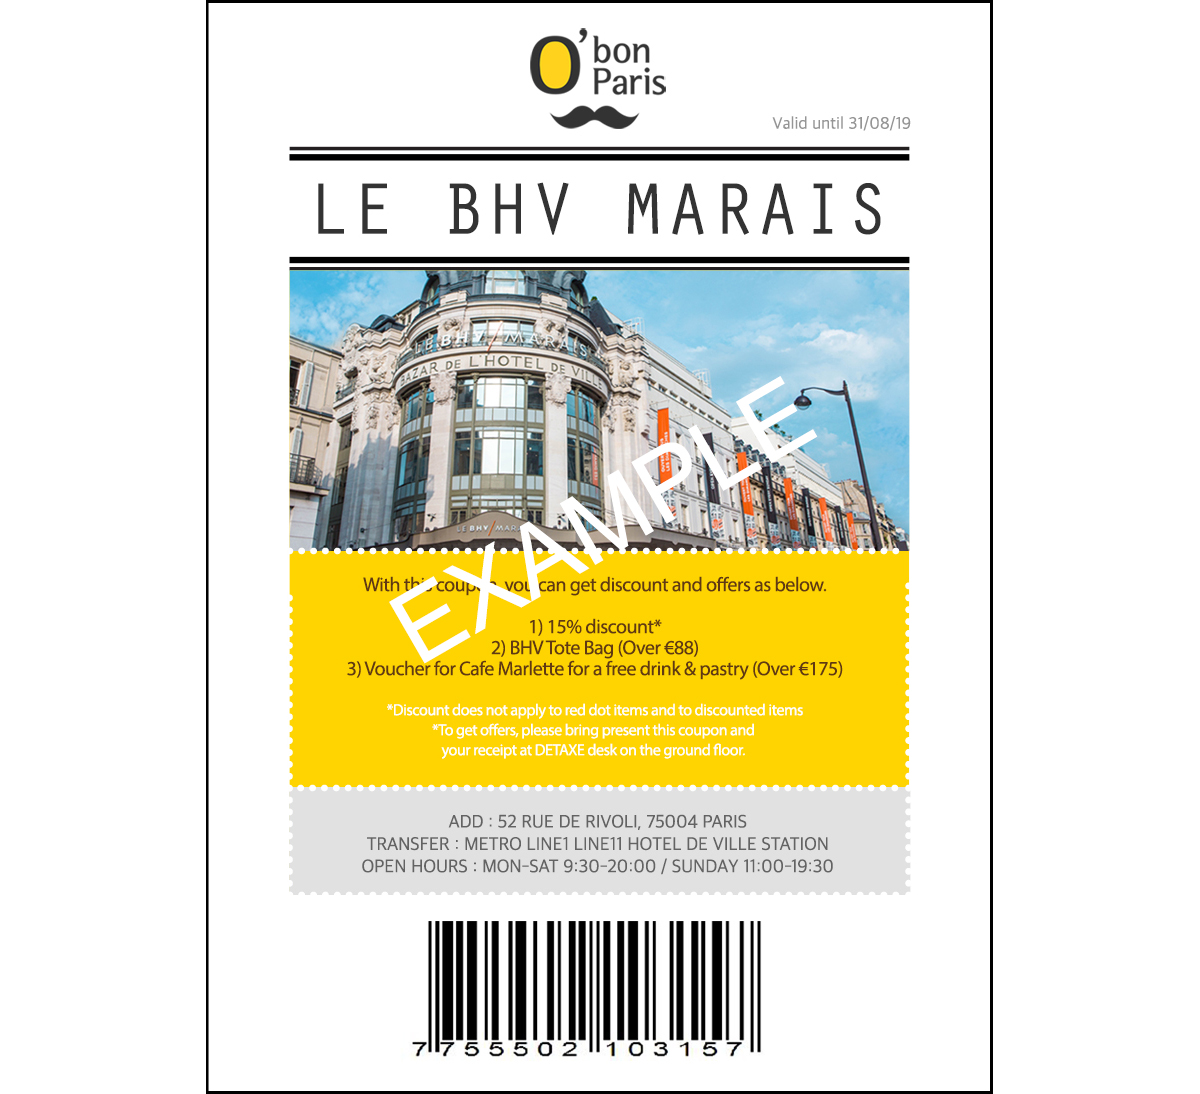 BHV MARAIS OFFER